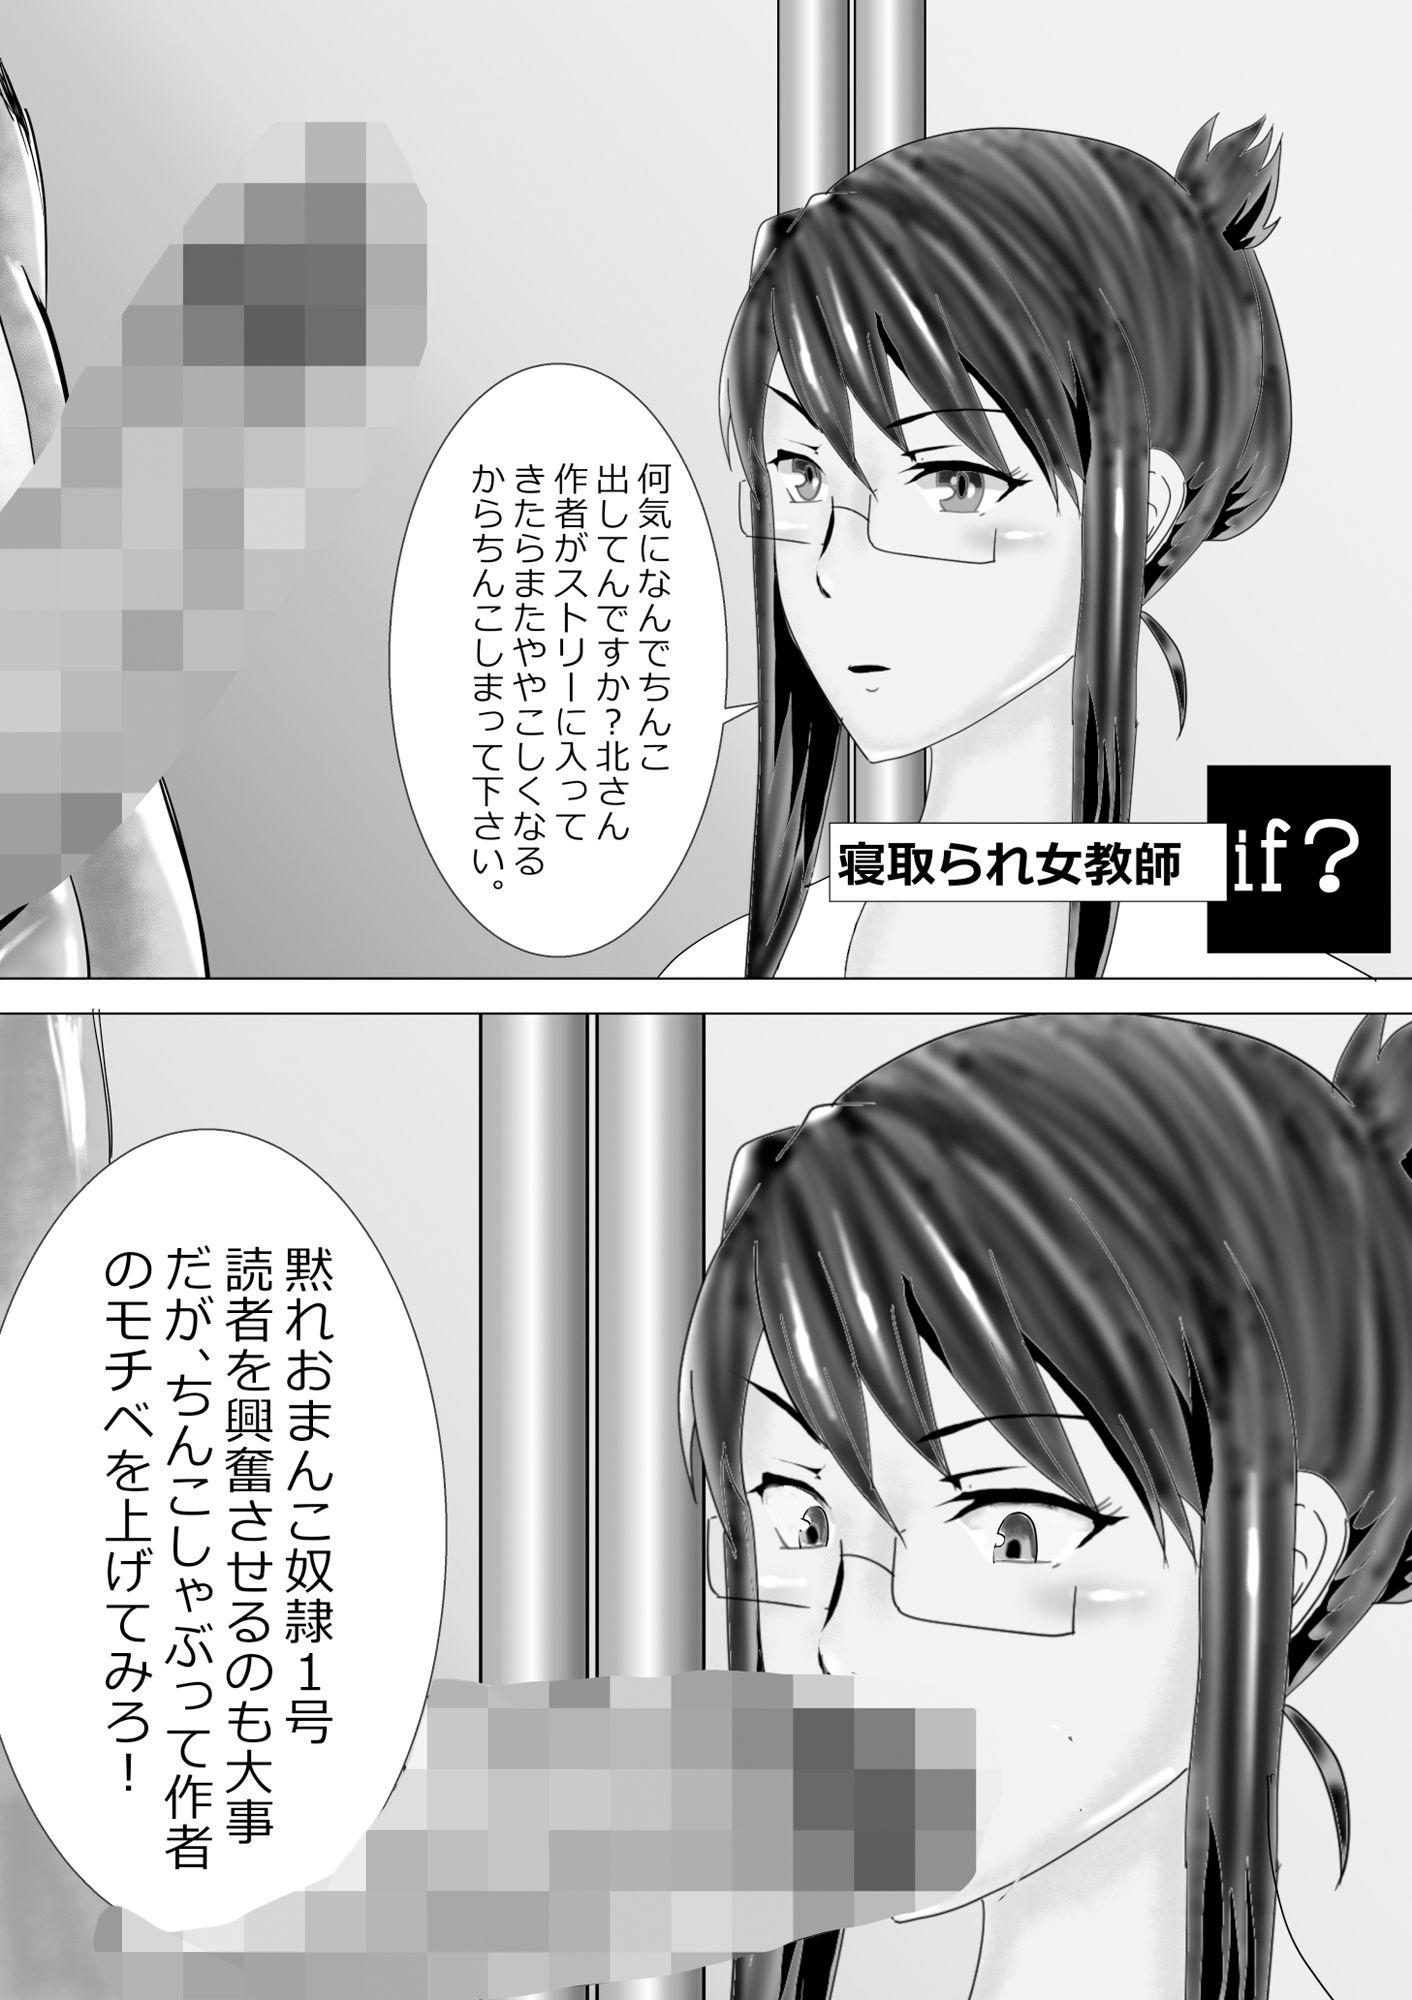 https://www.dmm.co.jp/dc/doujin/-/detail/=/cid=d_173991/